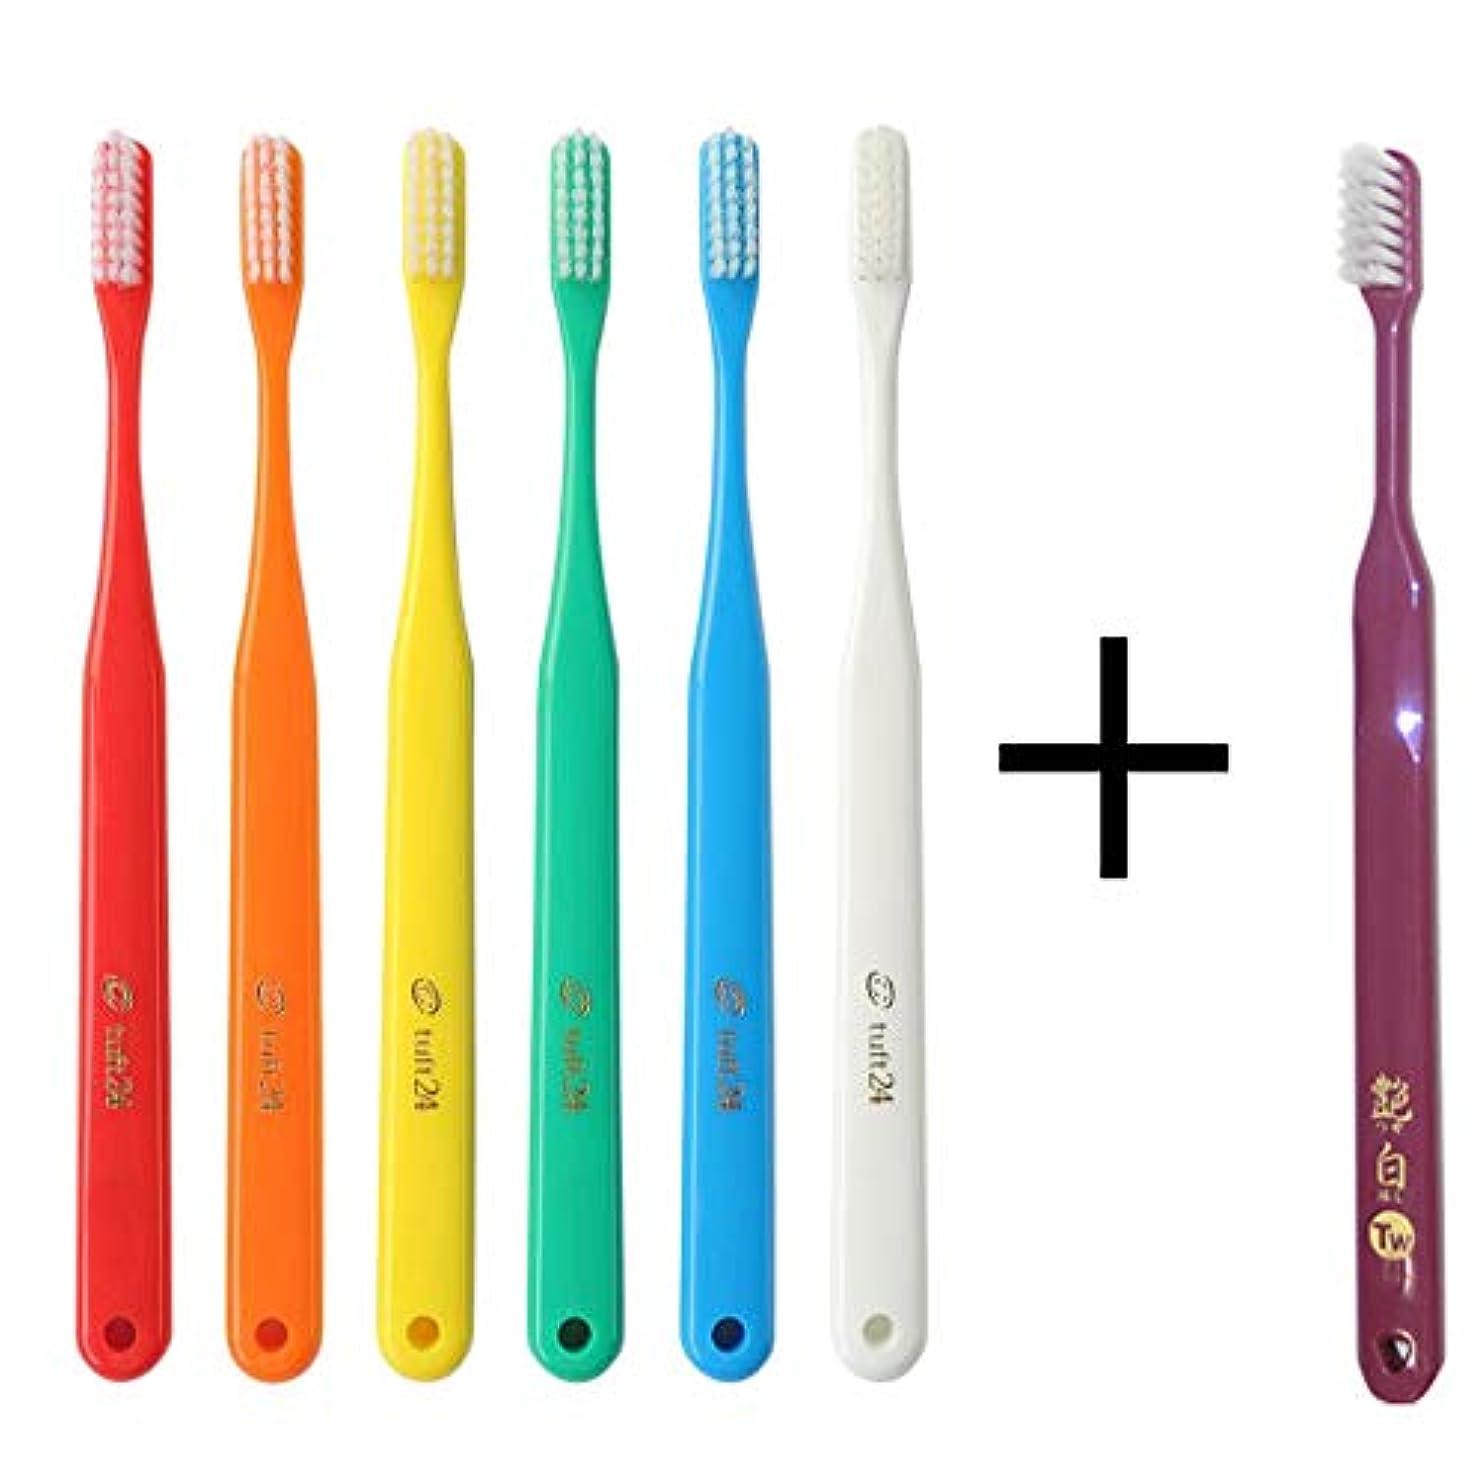 徐々にクラックポット銀河キャップなし タフト24 歯ブラシ × 25本入 M (アソート) + 艶白 ハブラシ (日本製) ×1本 MS(やややわらかめ) 大人用歯ブラシ 歯科医院取扱品